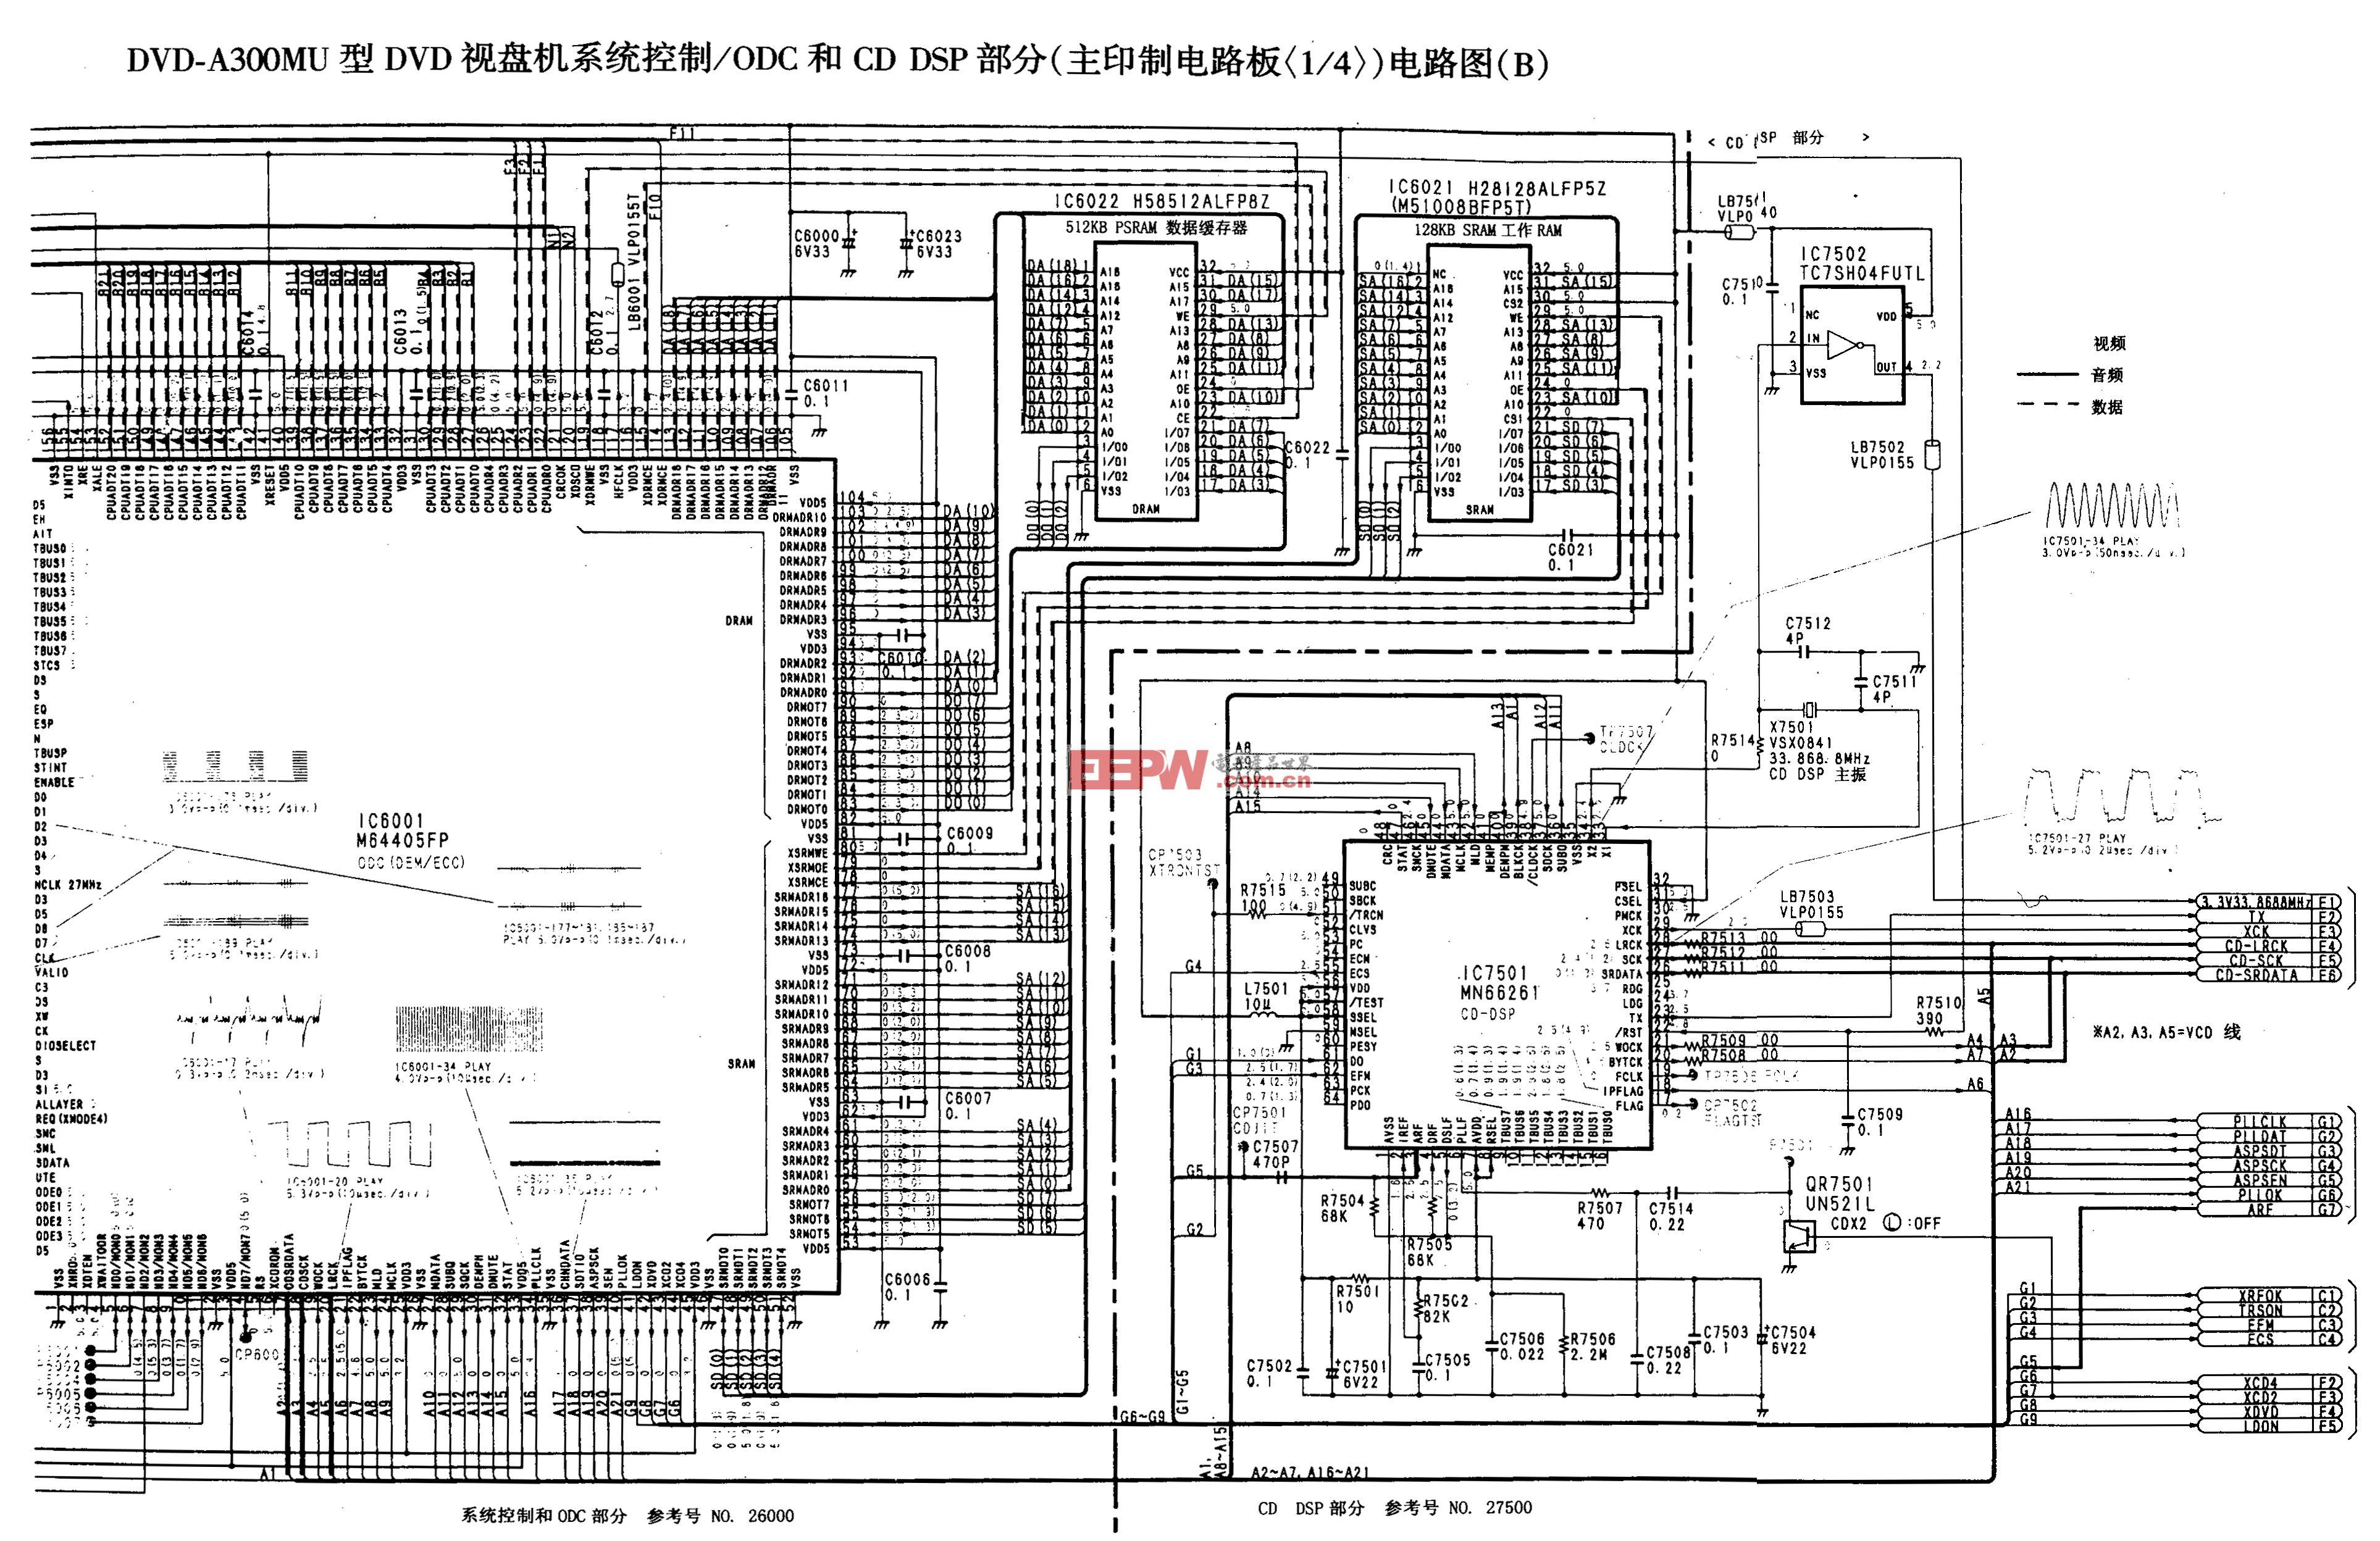 松下DVD-A300MU型DVD-系统控制/ODC和CD DSP部分B